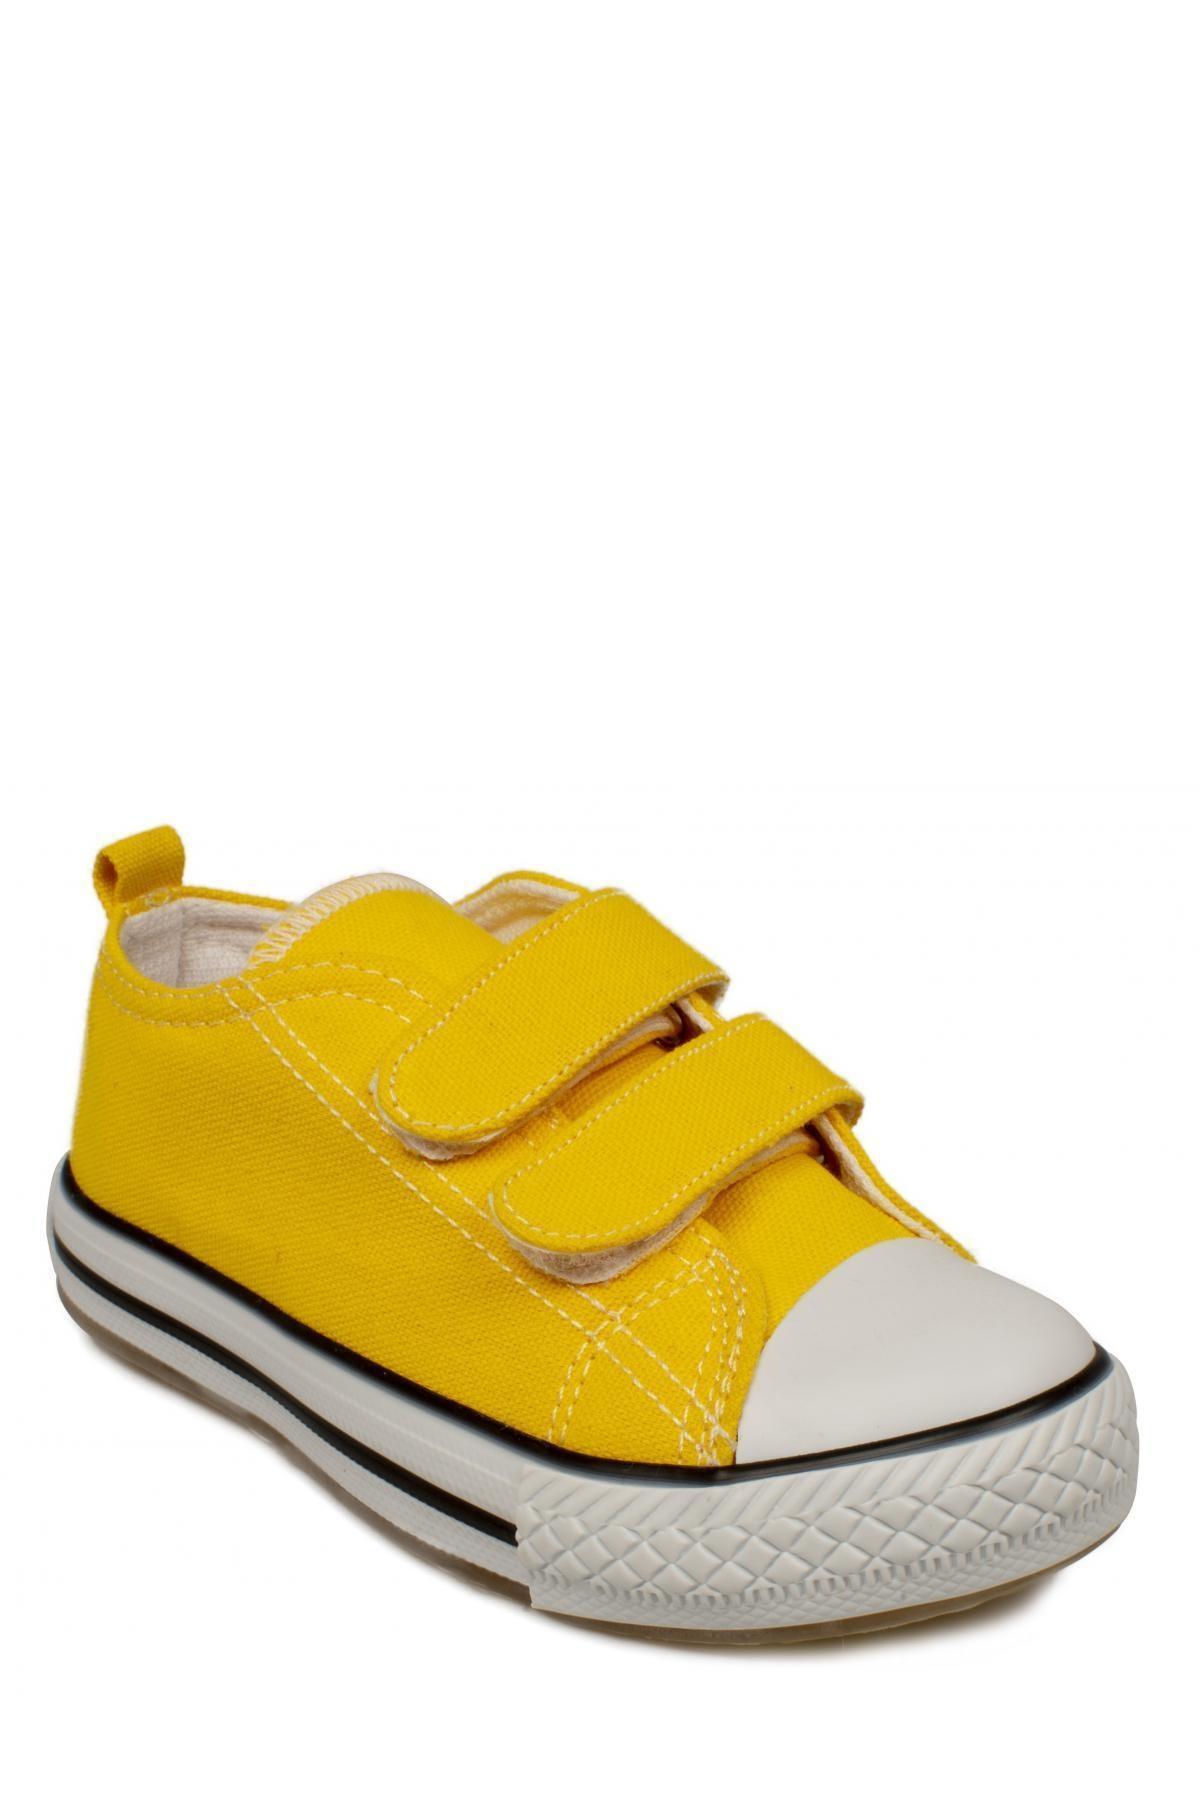 925.p20y150 Patik Işıklı Keten Sarı Çocuk Spor Ayakkabı